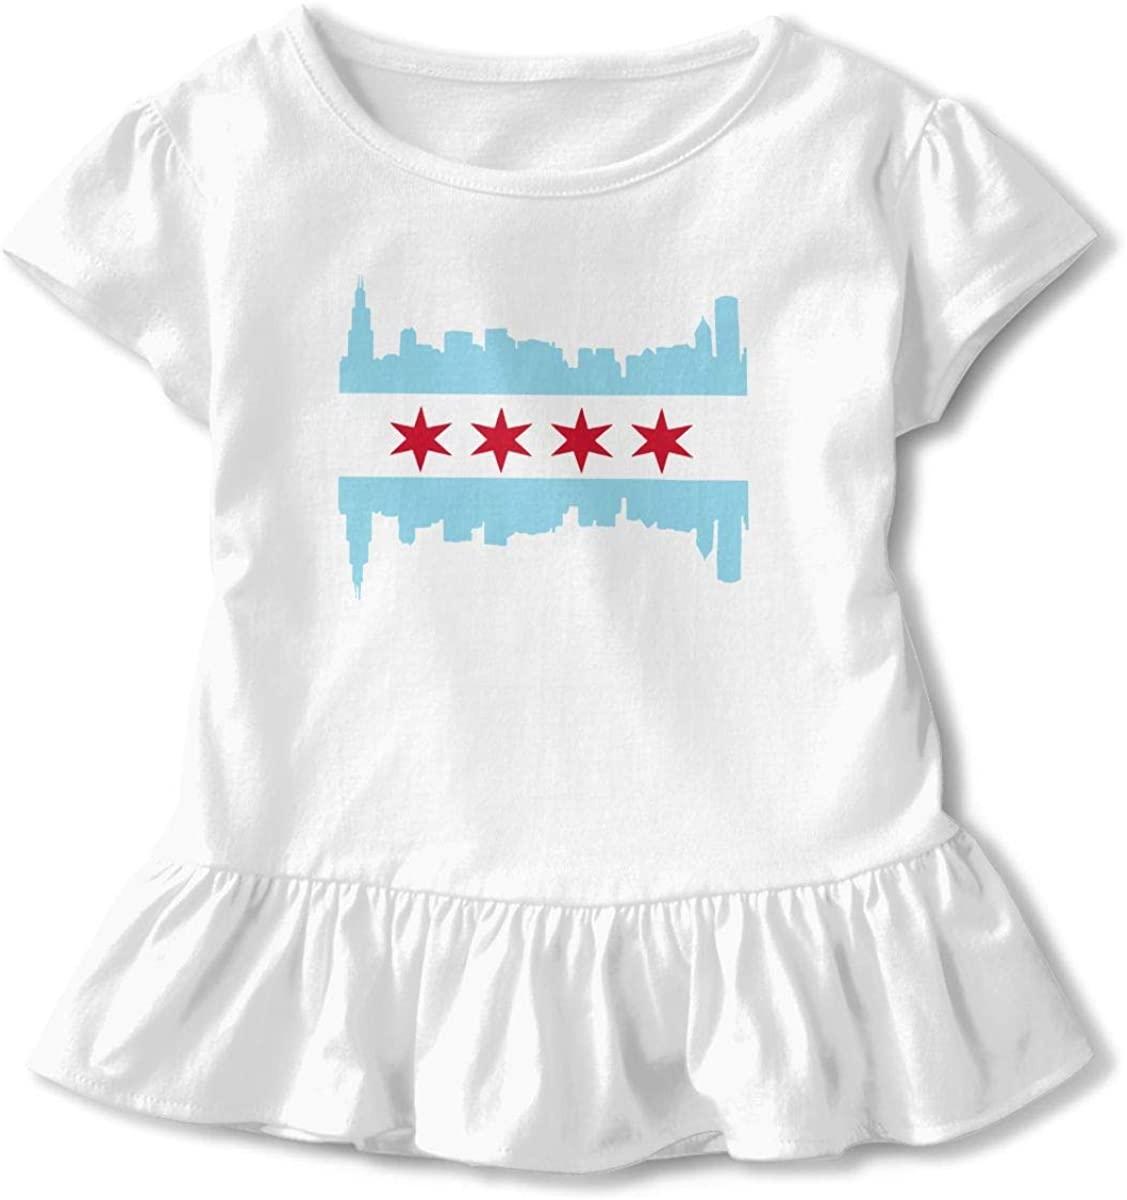 Girl's USA Chicago Flag Short Sleeve Ruffled T-Shirt Tops 2-6T